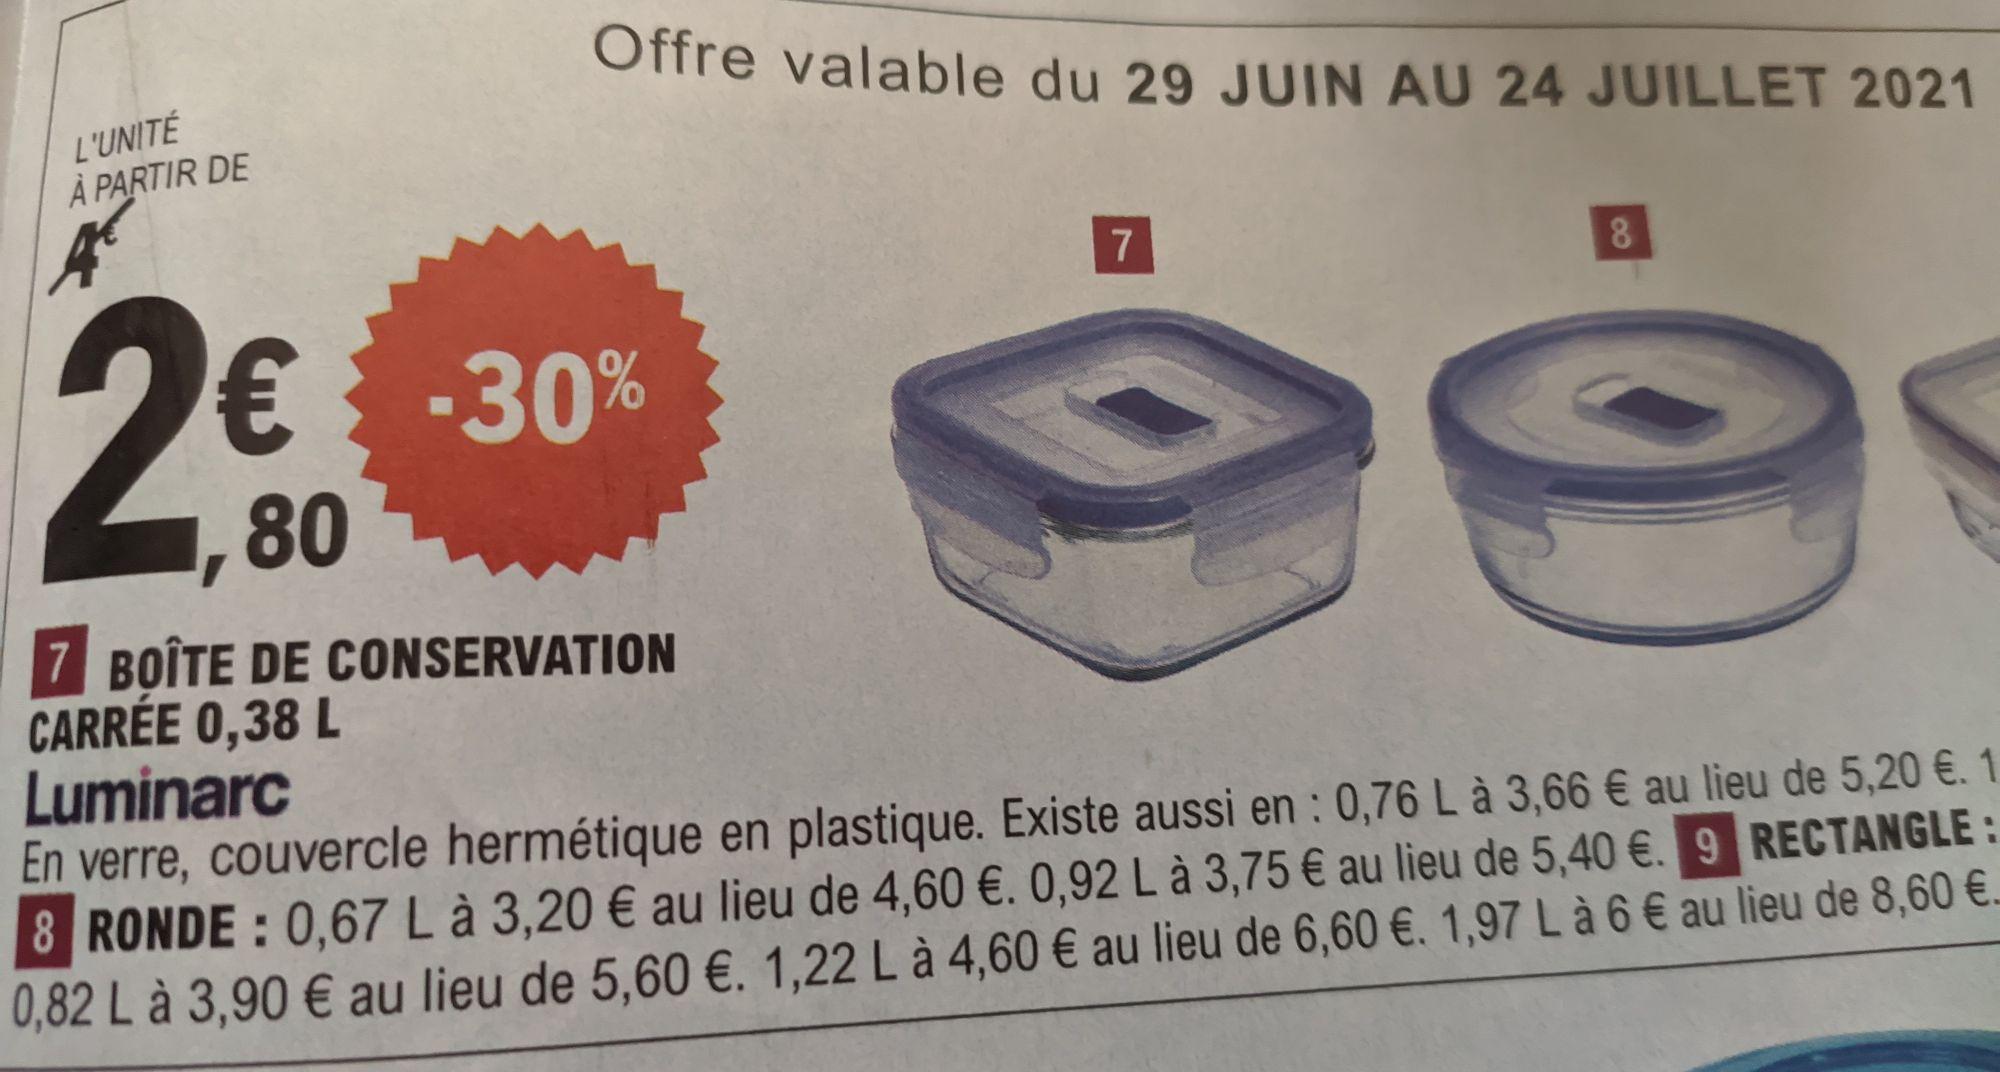 Boite de conservation hermétique en verre Luminarc - 0.38L (Centre-Val de Loire, Orne, Sarthe)